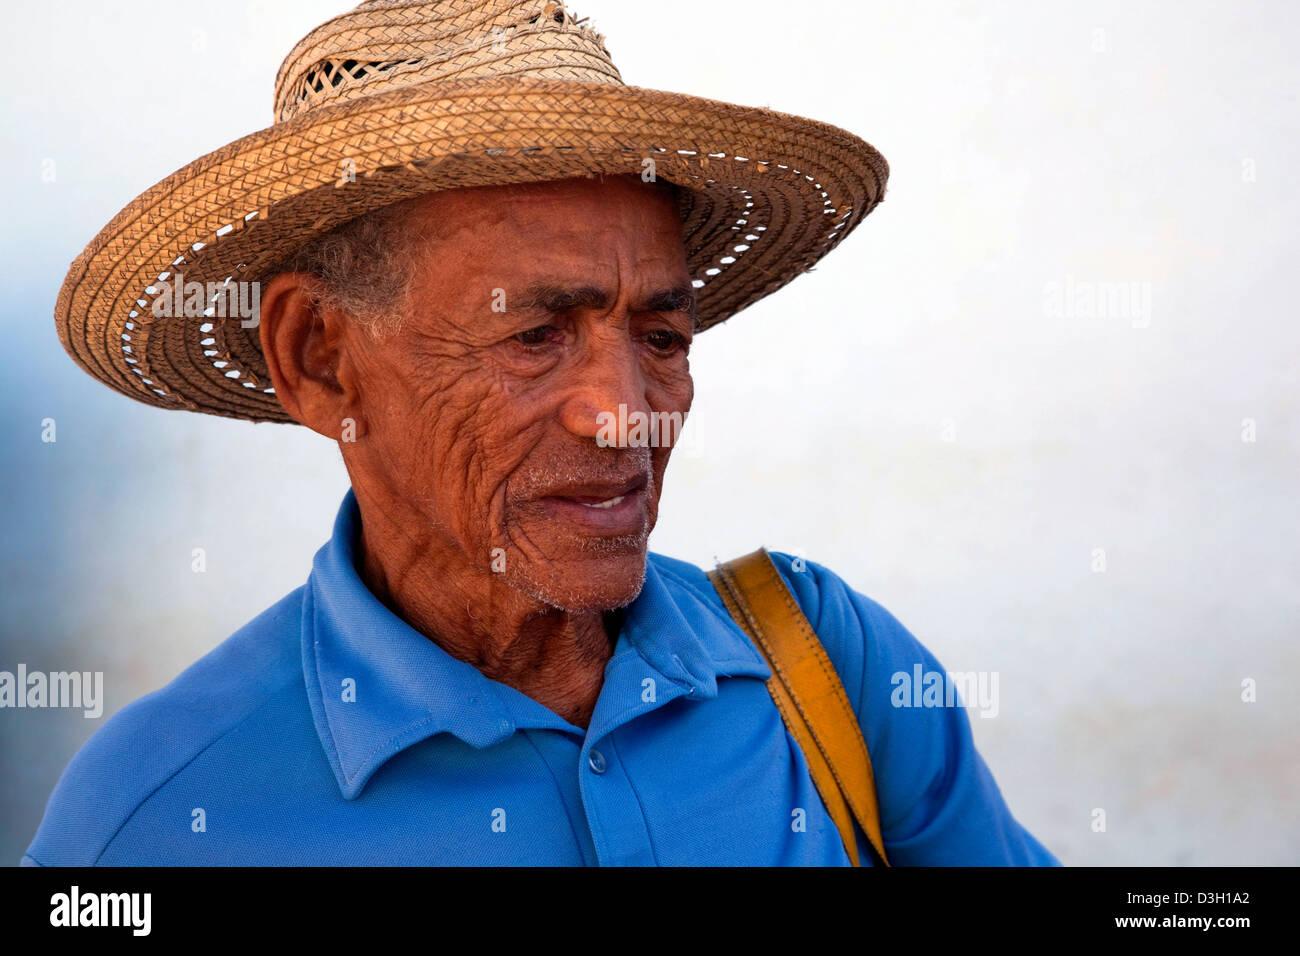 Porträt des alten kubanischen Mann mit Strohhut, Kuba, Caribbean Stockbild